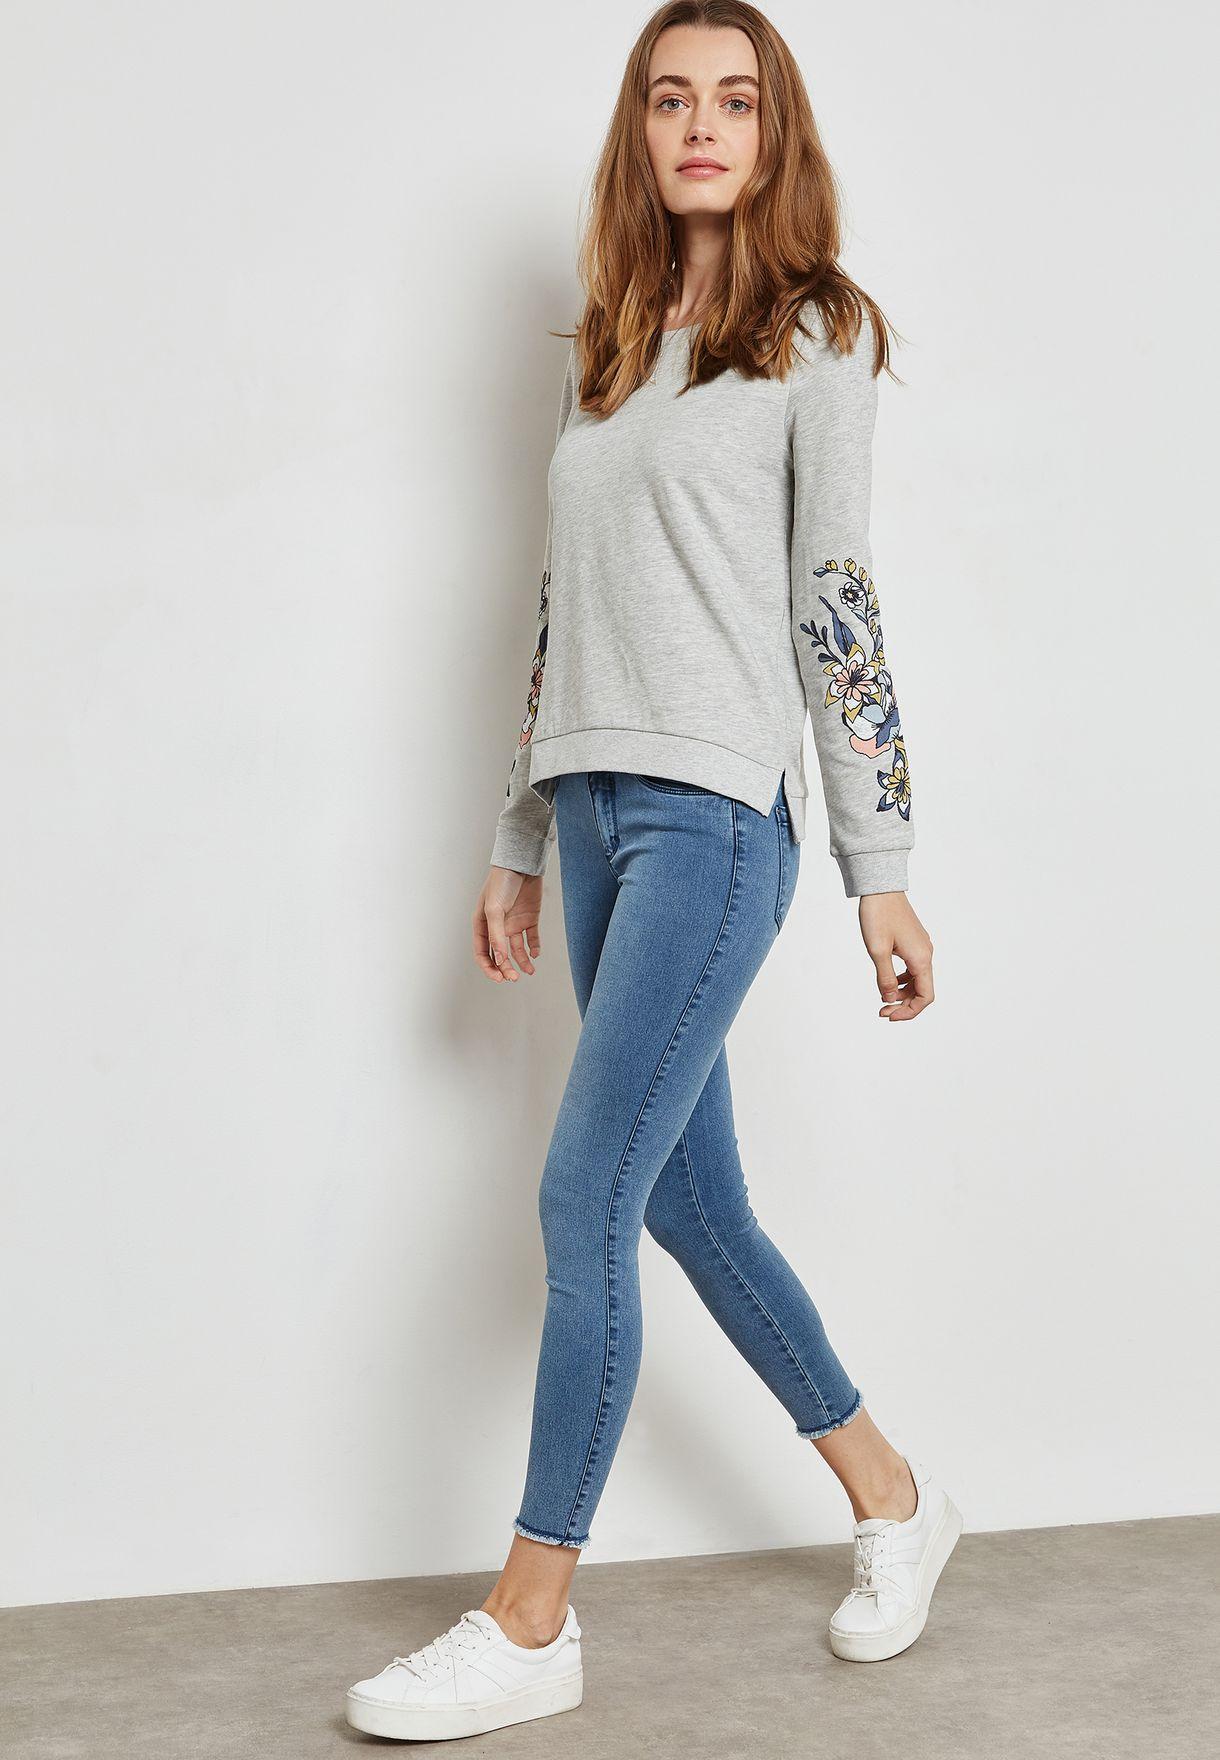 Printed Sleeve Sweatshirt